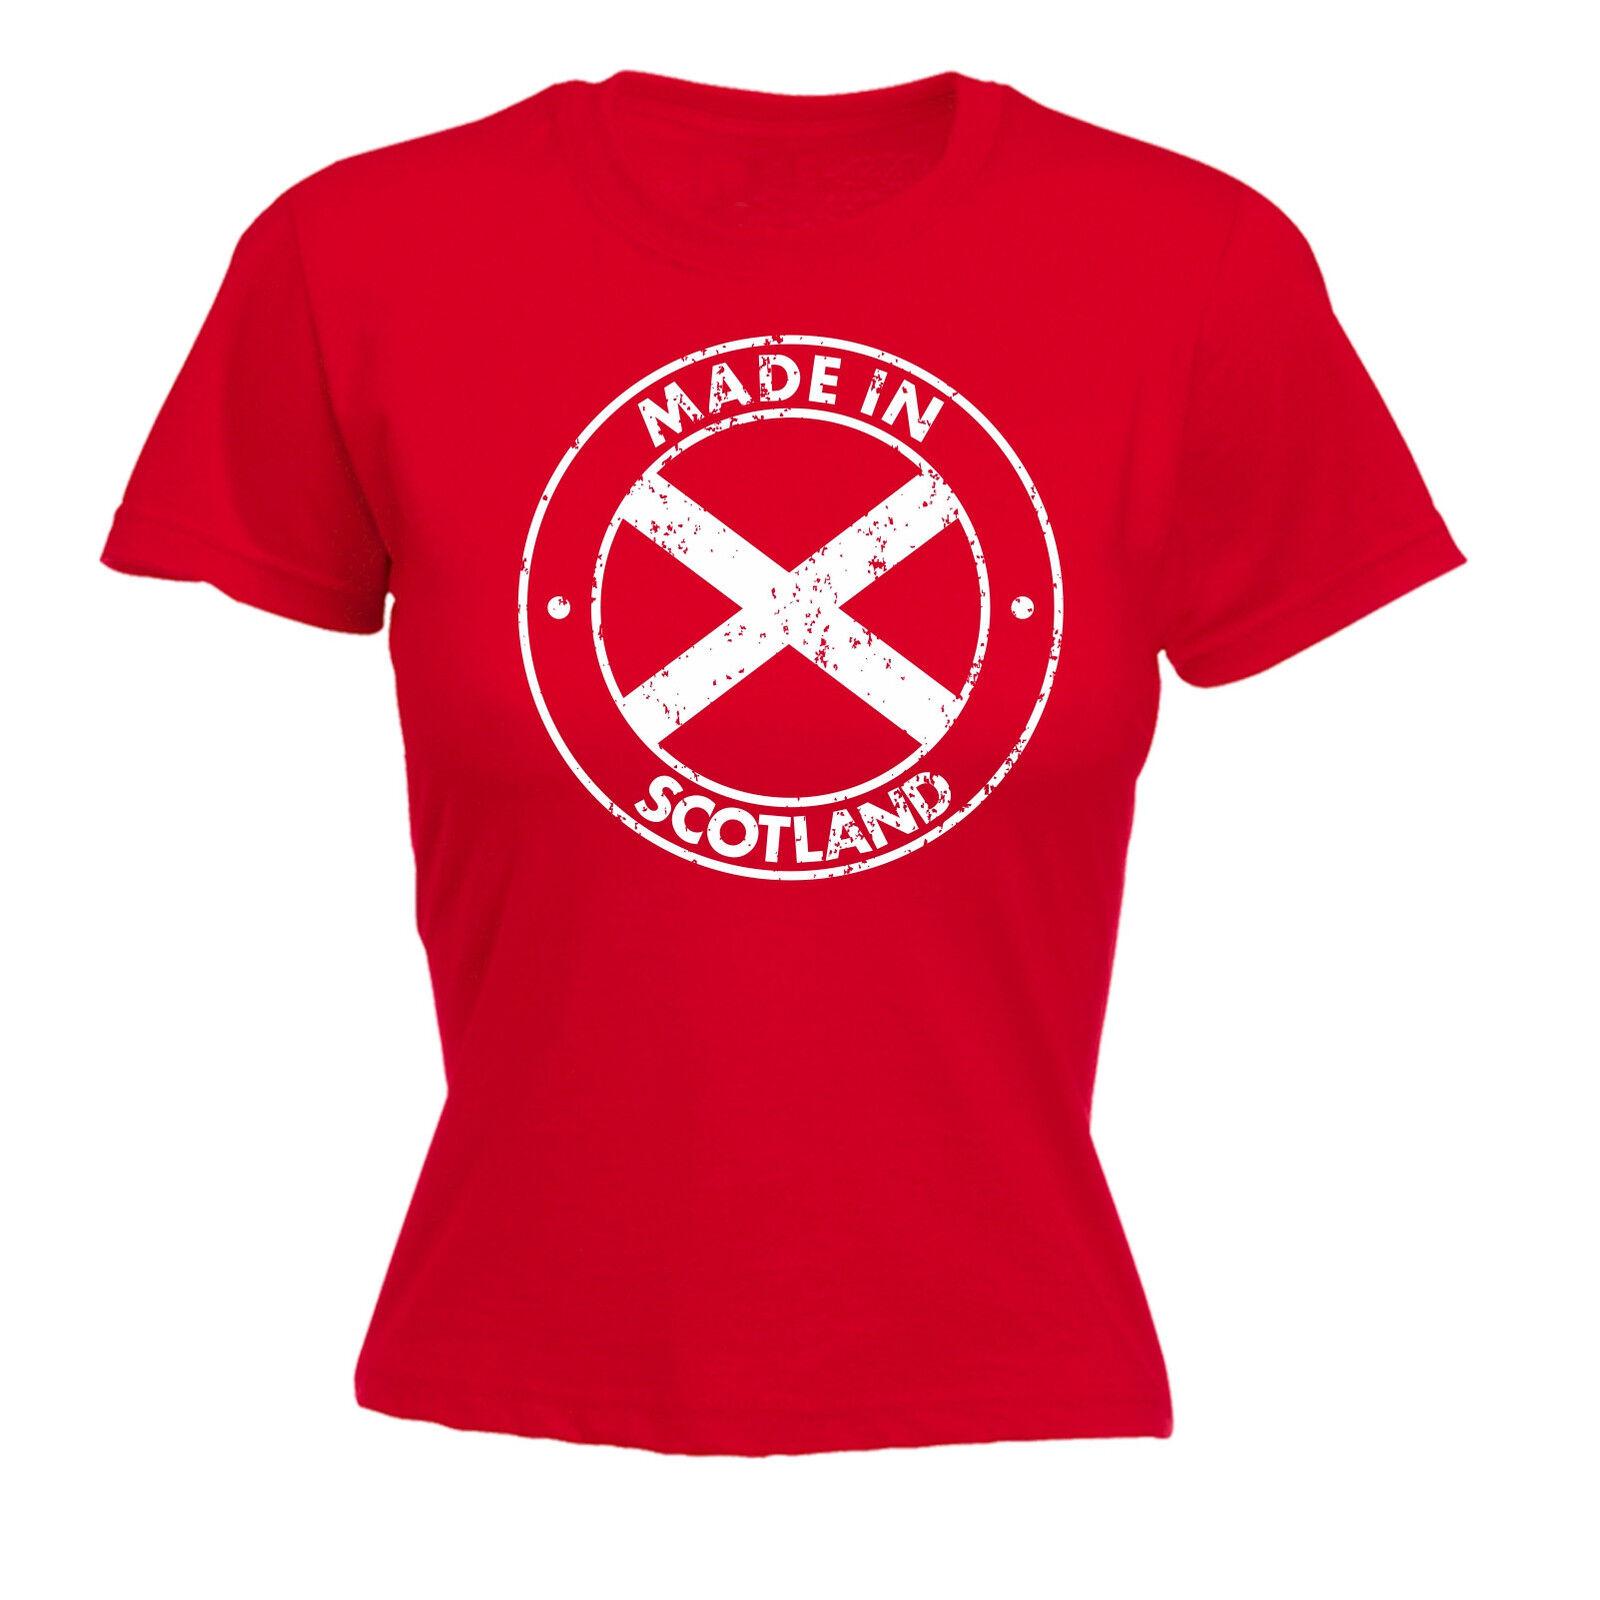 Made In Scotland WOMENS T-SHIRT Scot Country Scots Scottish UK Gift birthday